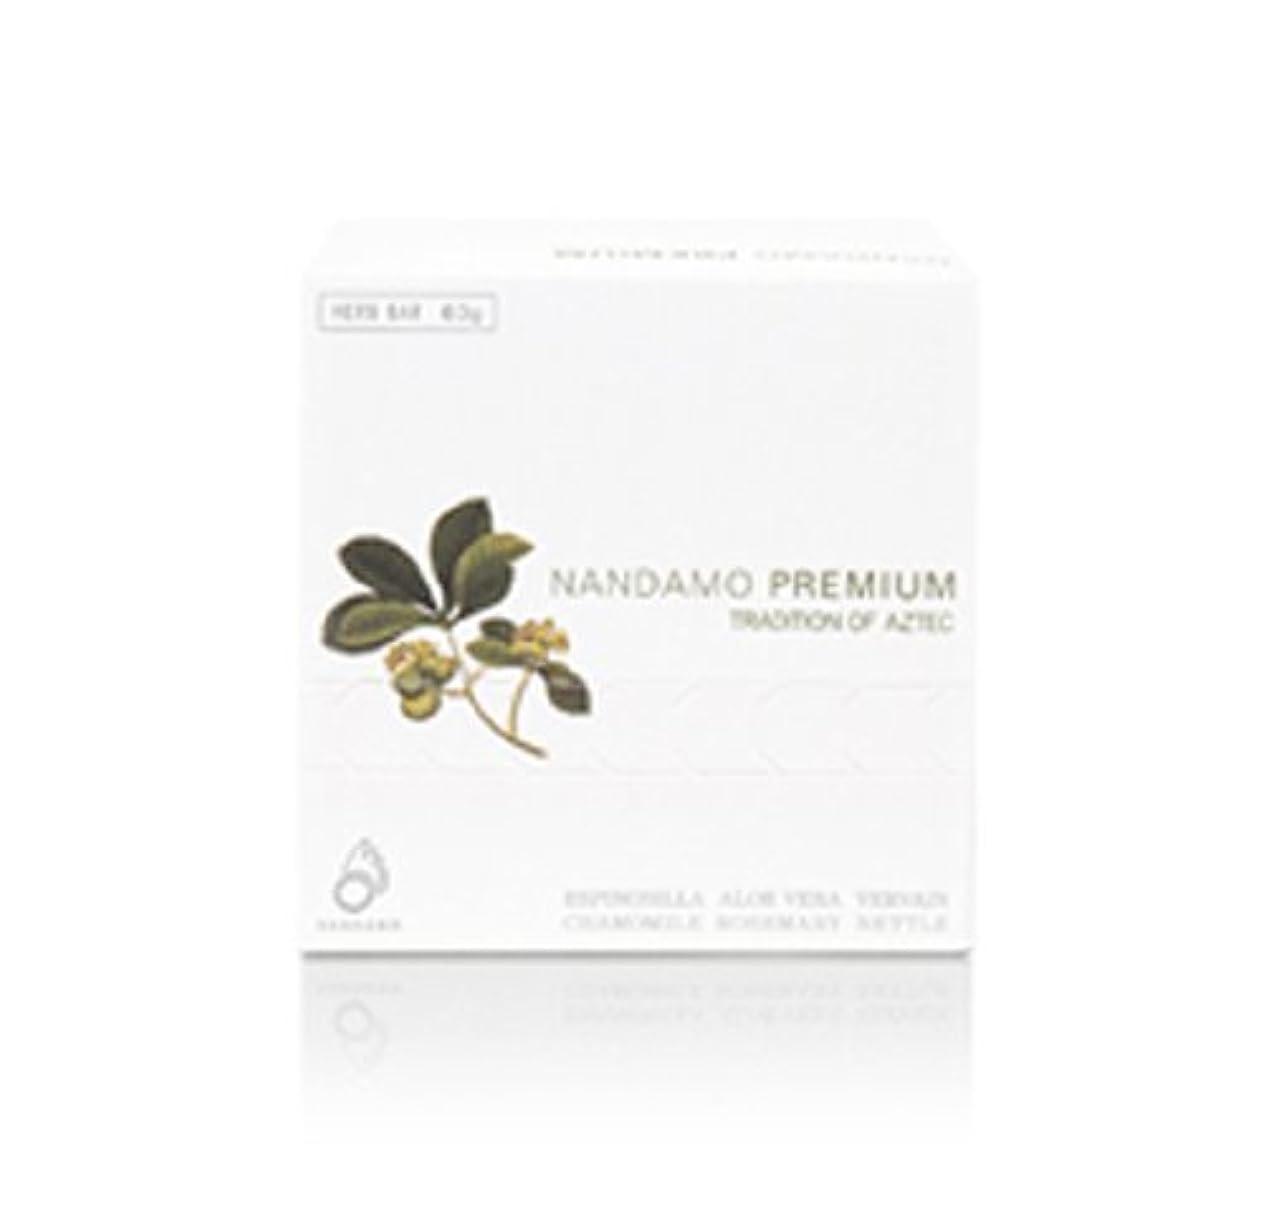 フィットタイト心からNANDAMO PREMIUM(ナンダモプレミアム)ナンダモプレミアム60g